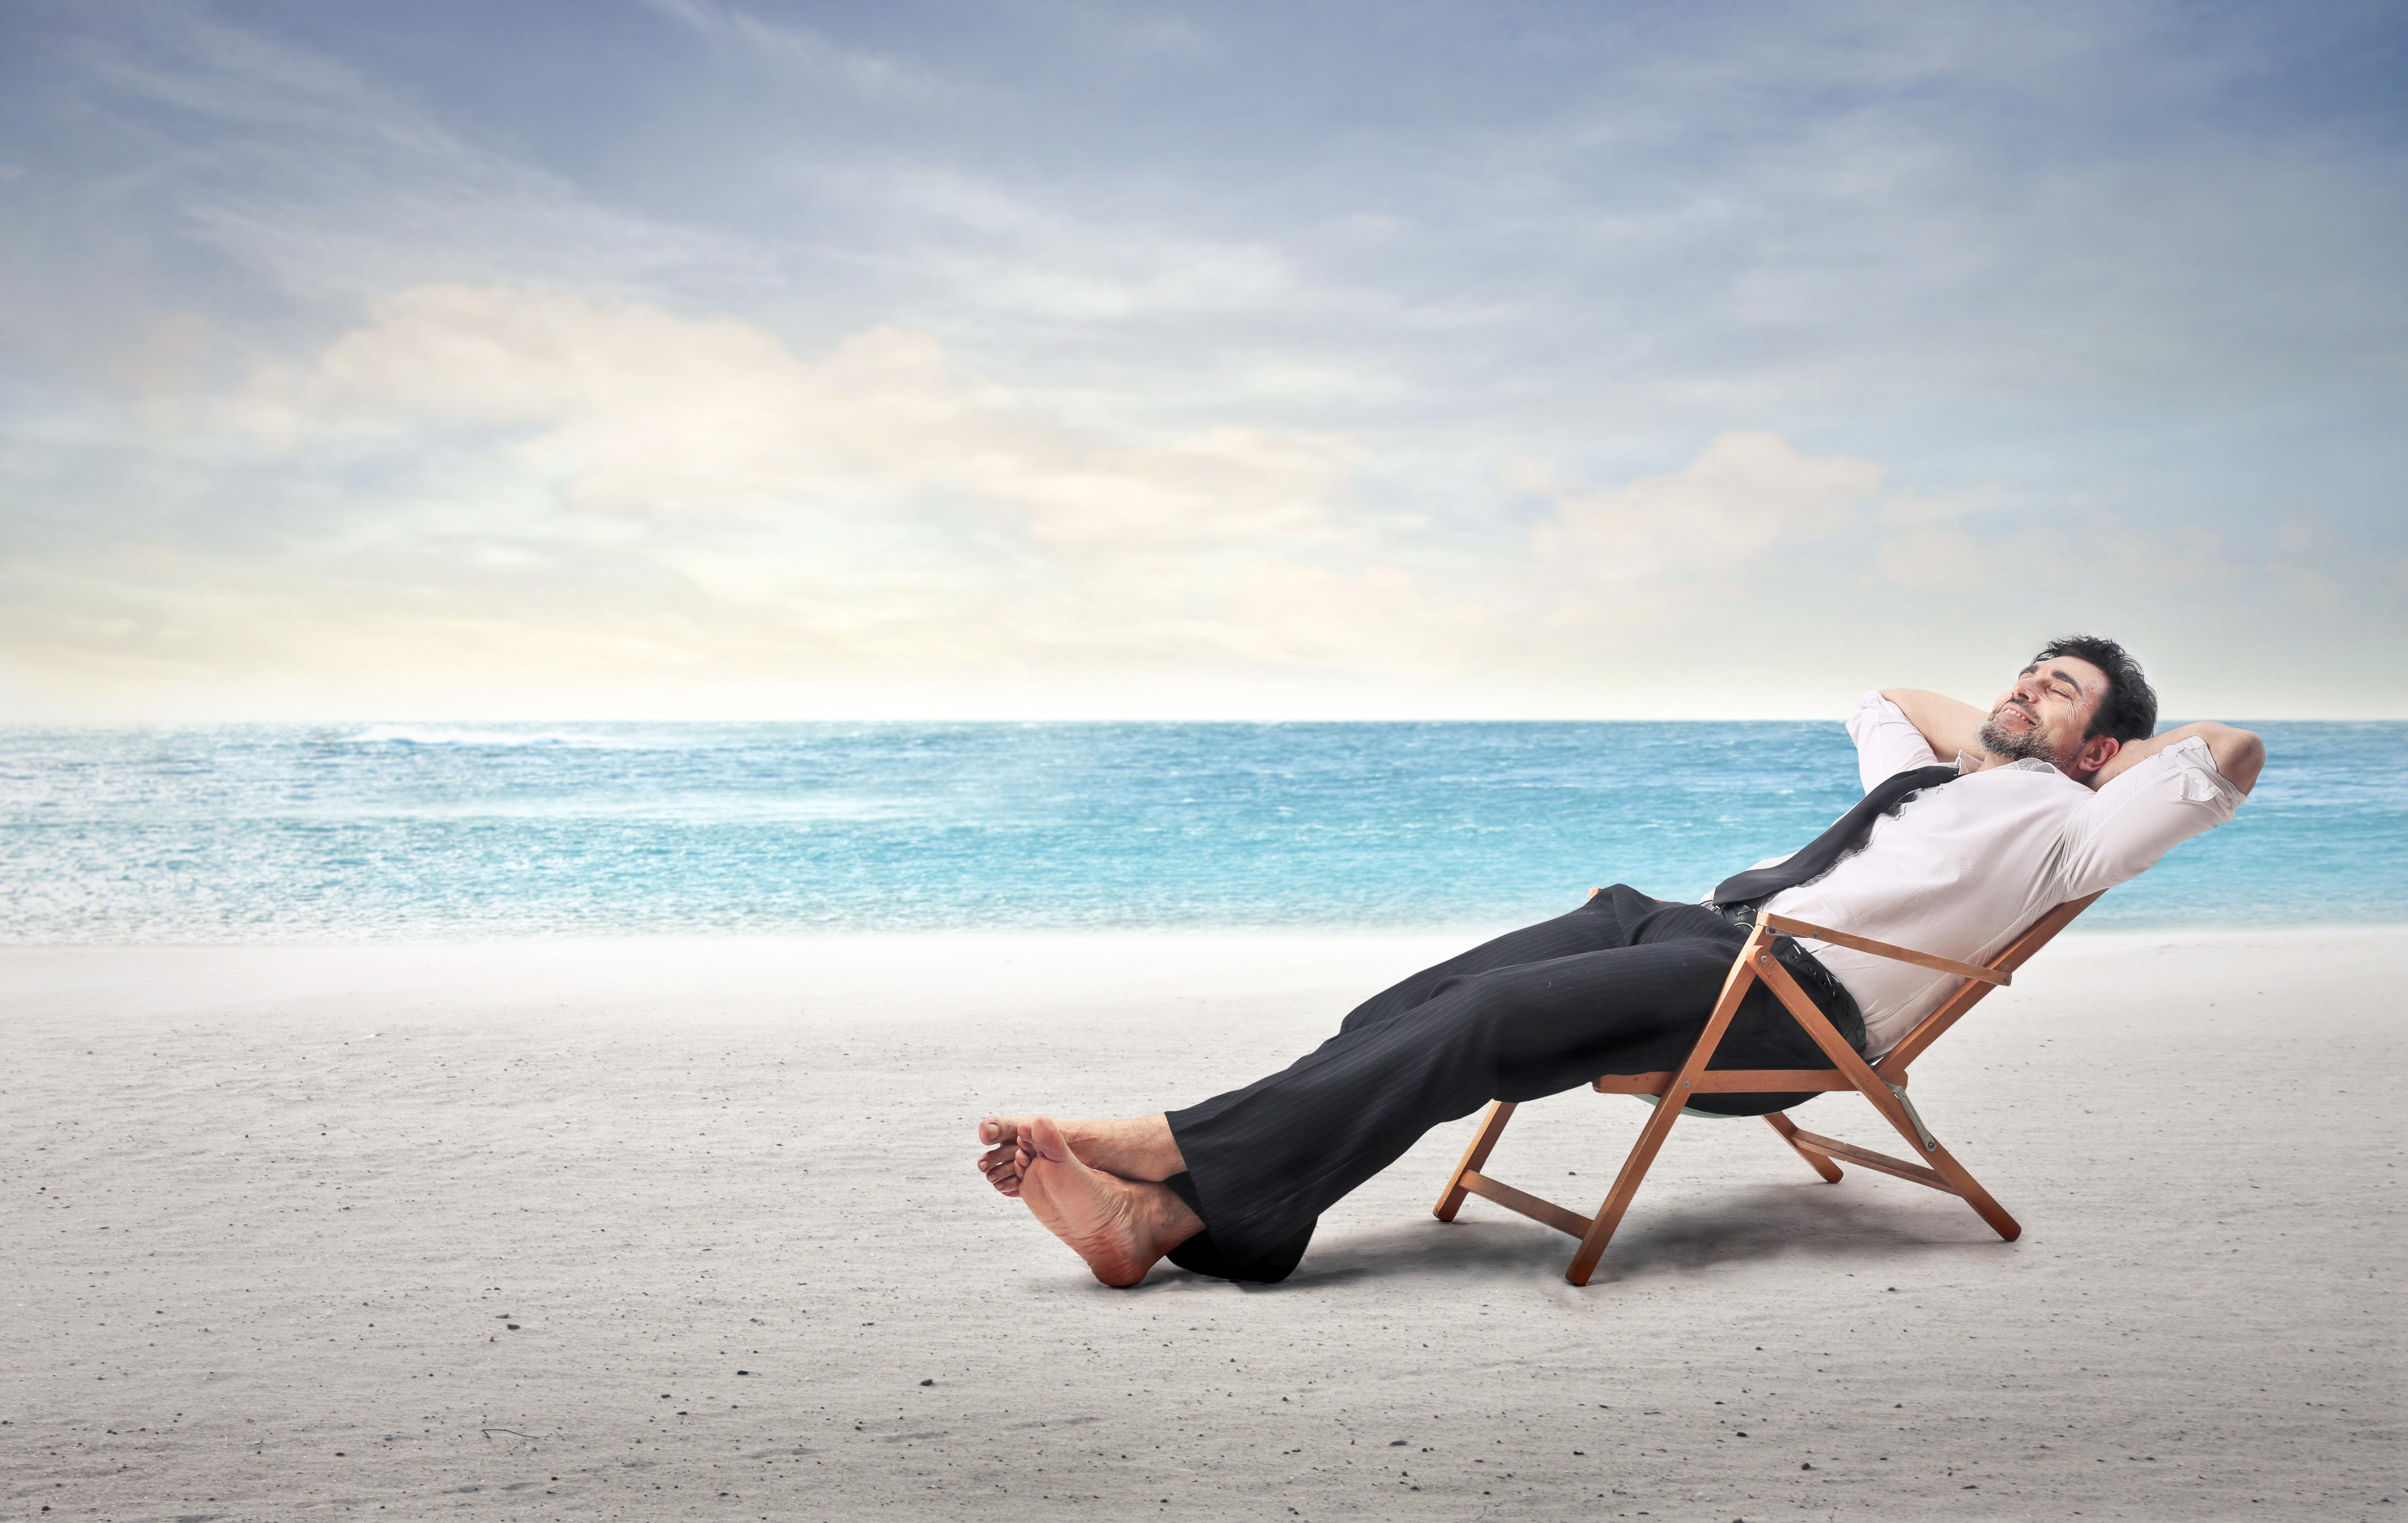 genießen, Auszeit, Zeitmillionär, Leben, Genuss, Erfolg, Freizeit, Urlaub, Pause, Mittagspause, Büro, Bürojob, Ferien, Frei, Urlaub